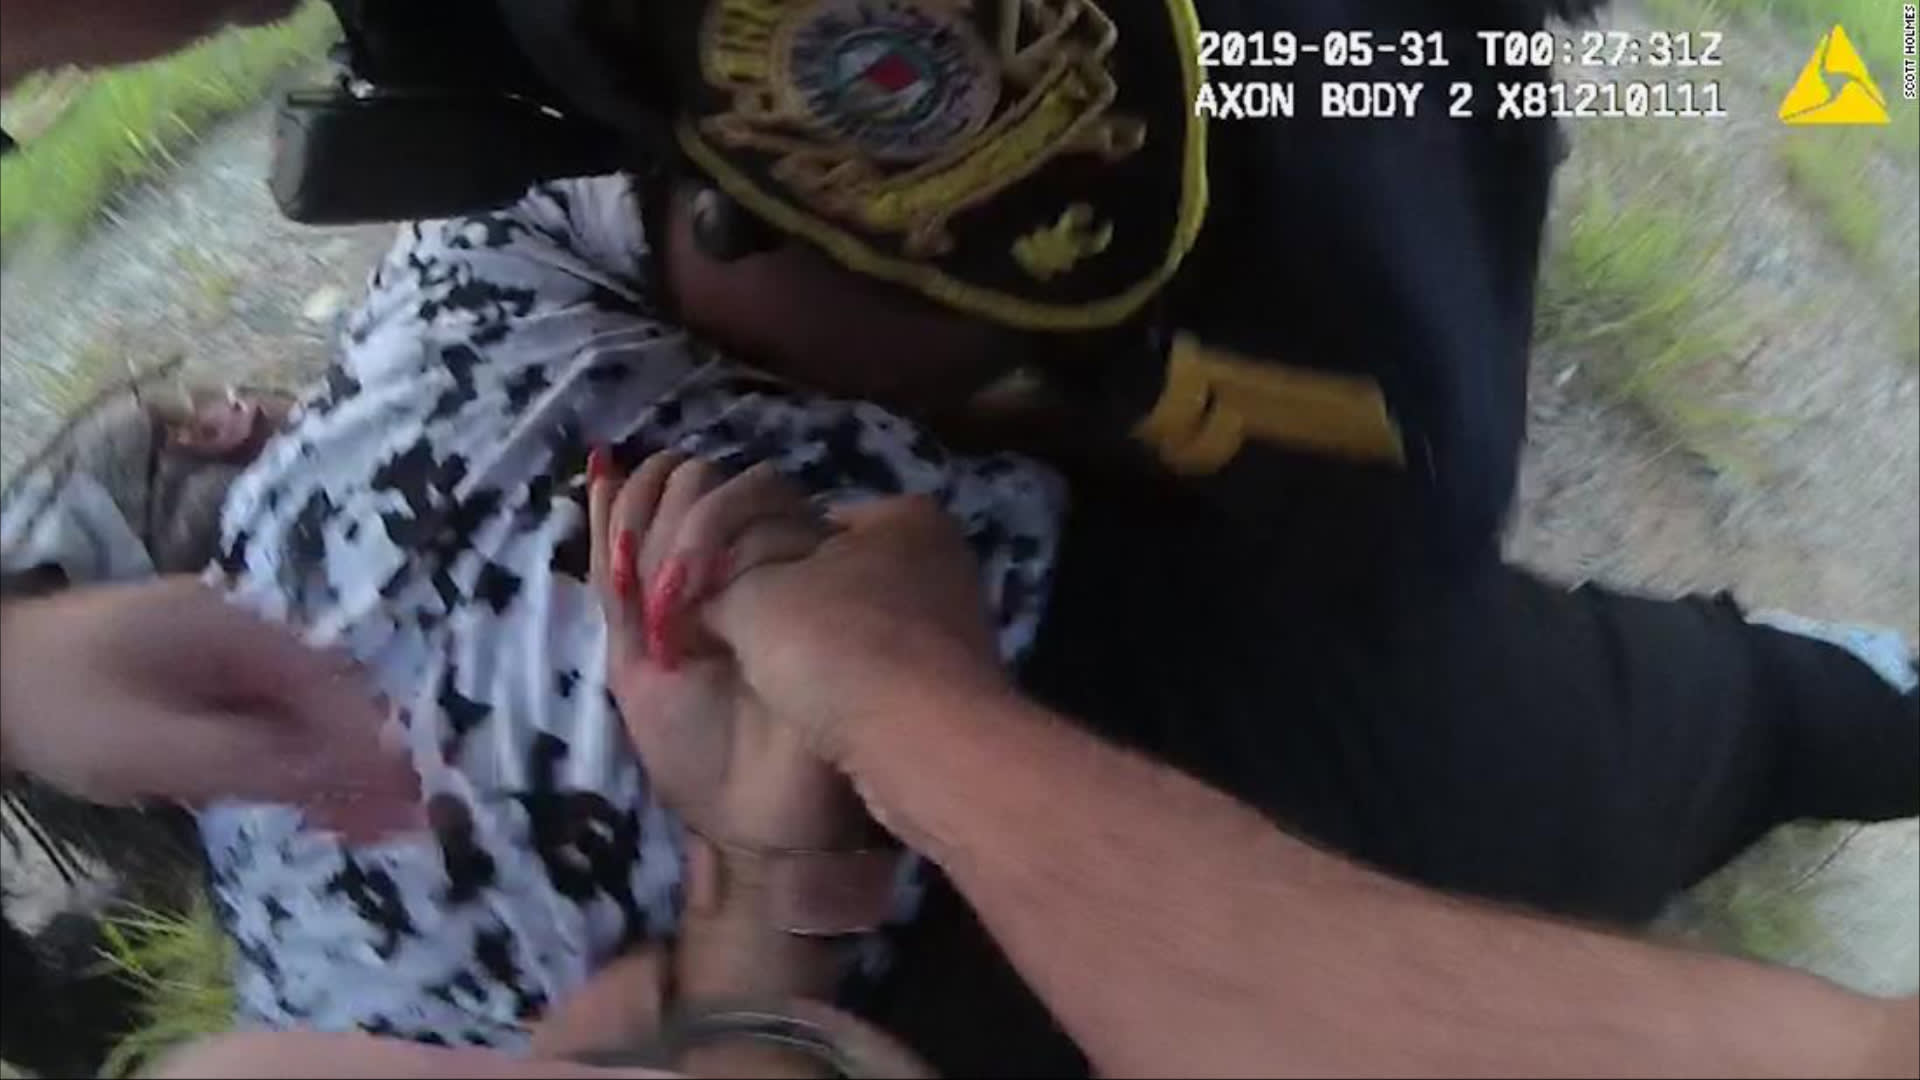 ضباط أمريكيون يسحبون امرأة سوداء من شعرها أثناء توقيف مروري